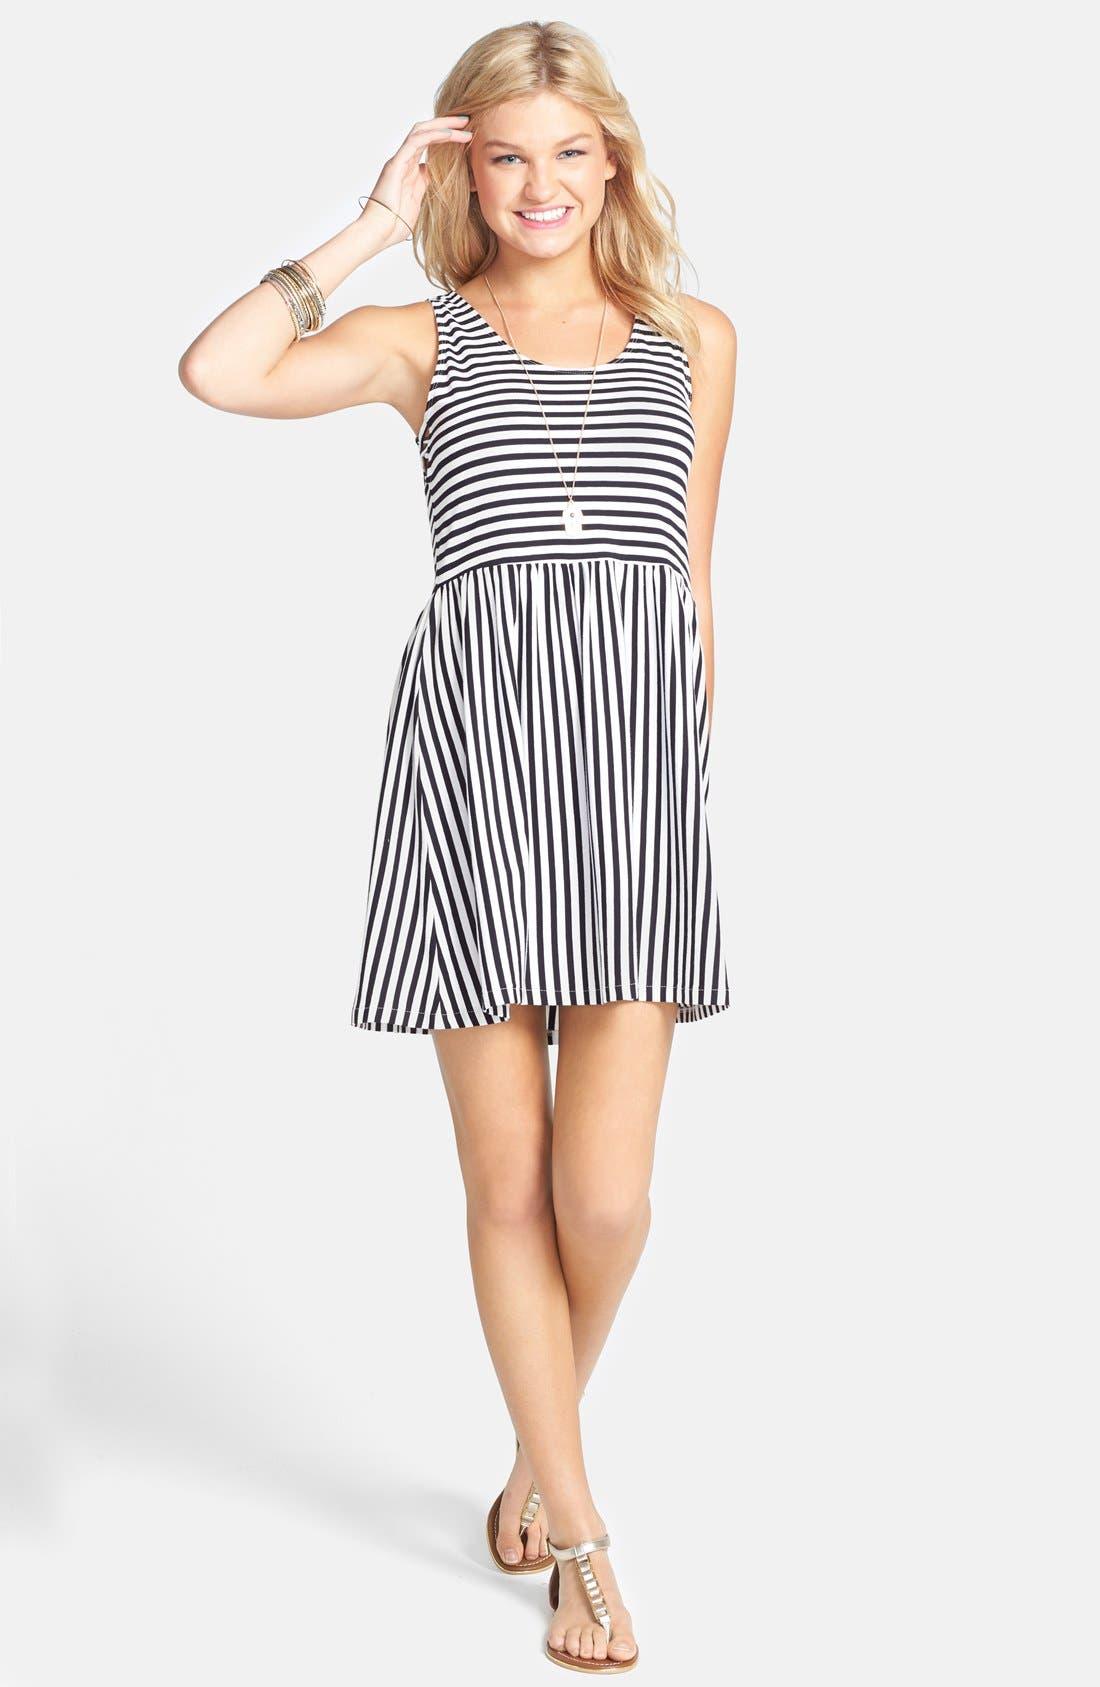 Alternate Image 1 Selected - Billabong 'Early Sunshine' Stripe Skater Dress (Juniors)